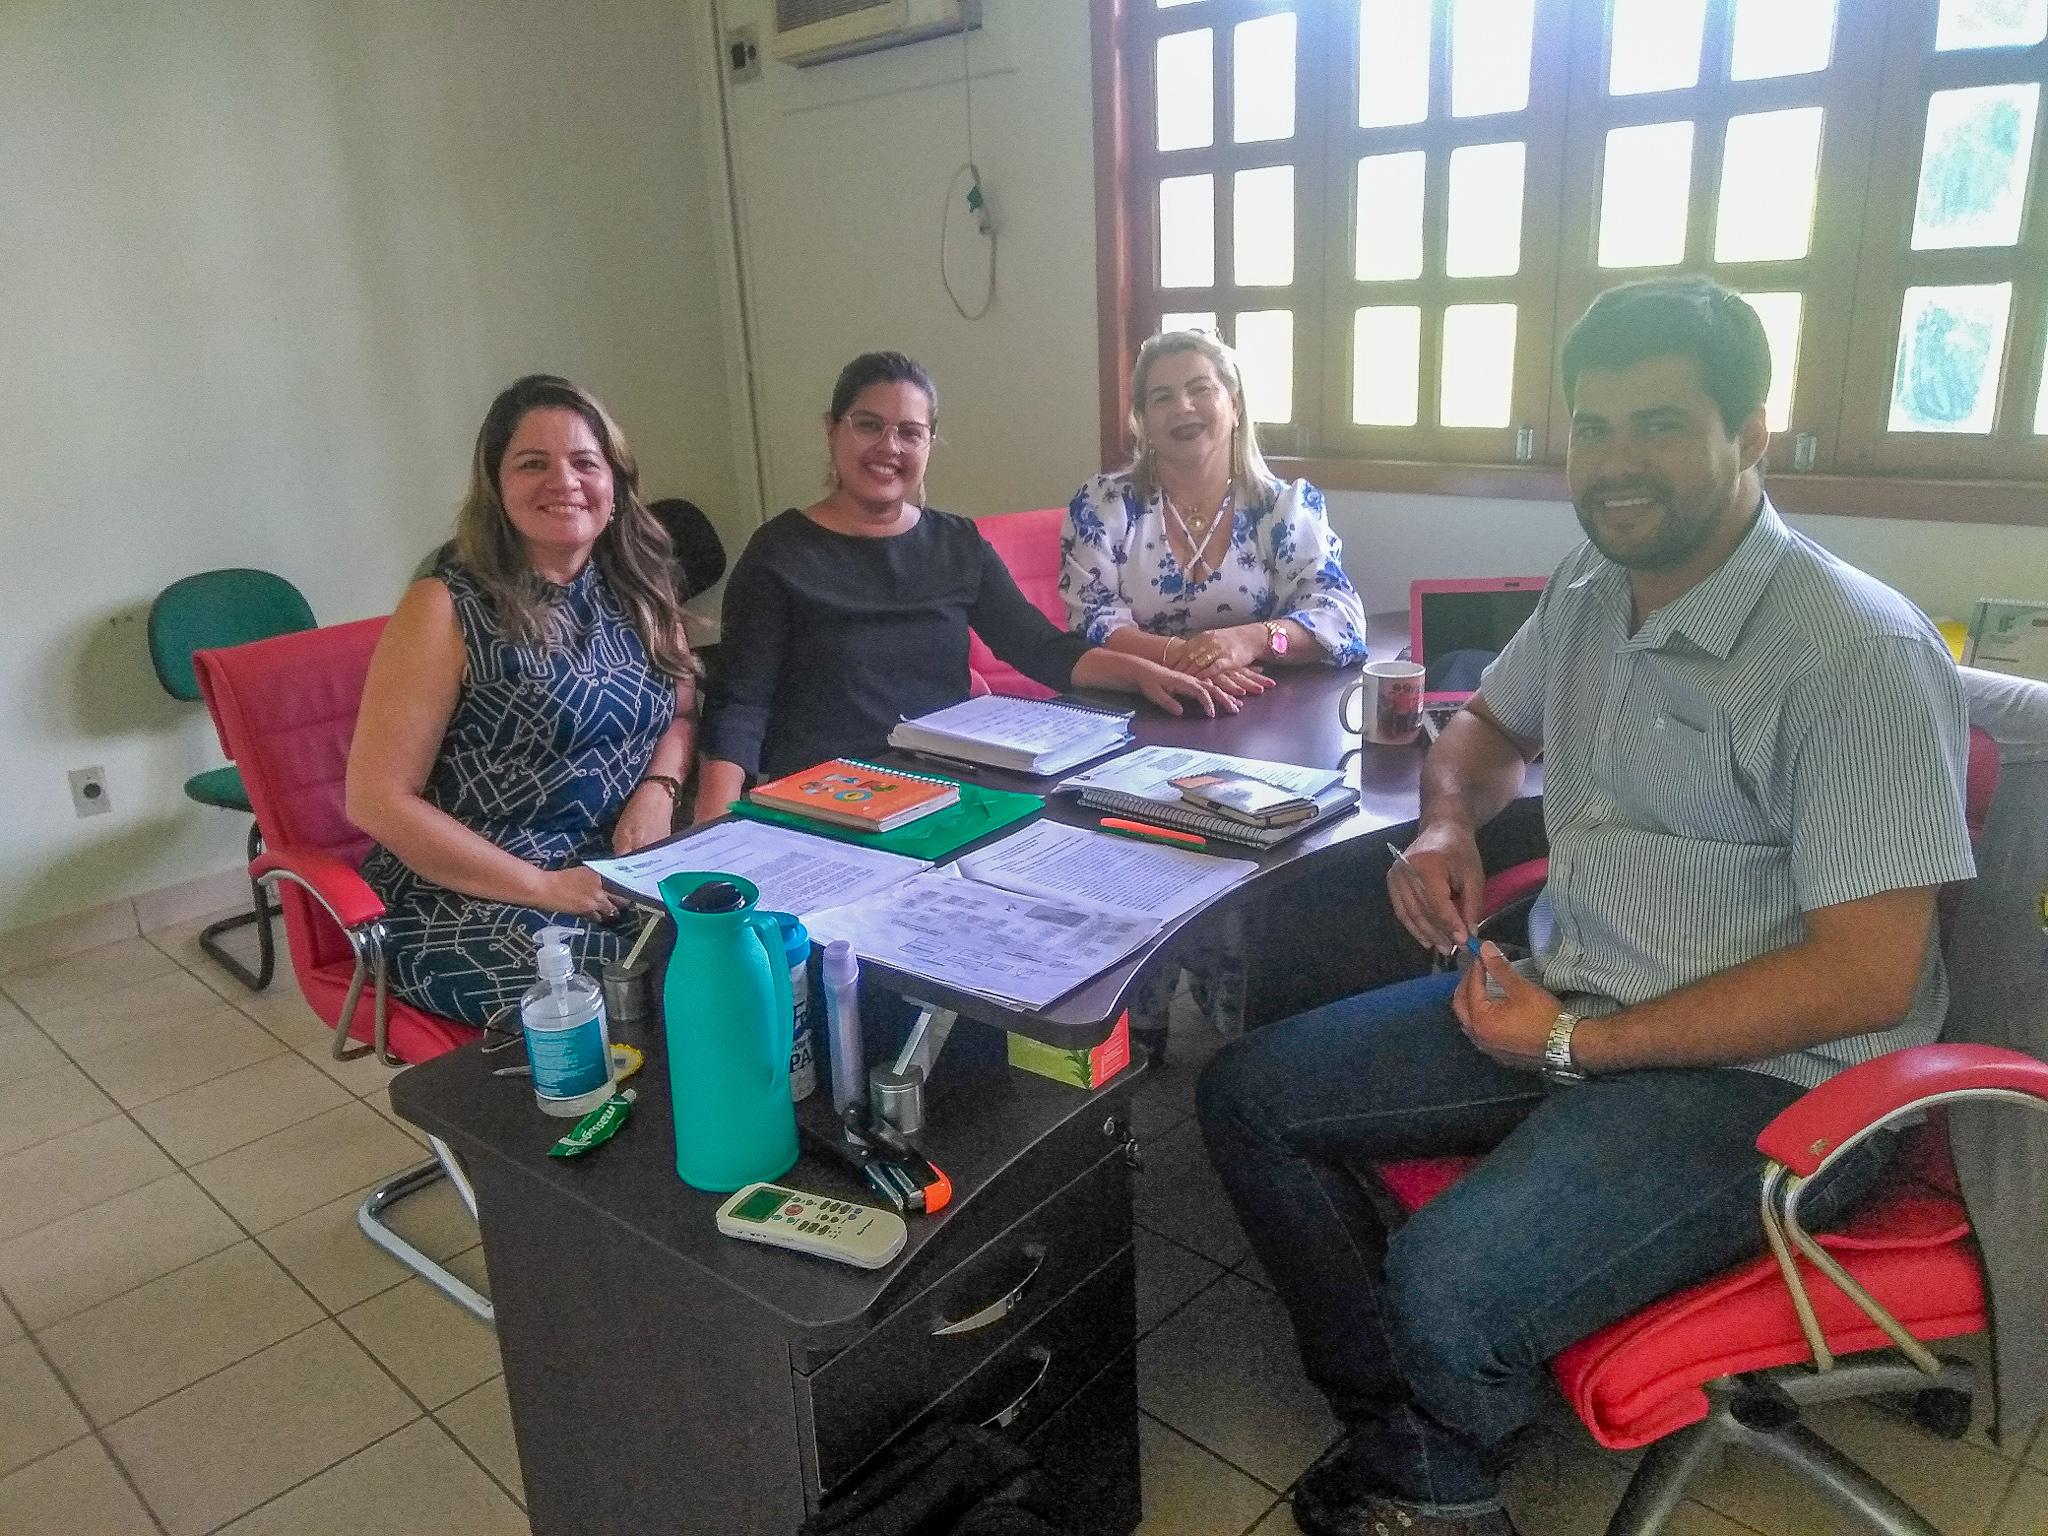 Ieptec e SEE reúnem-se para tratar sobre certificação de gestores escolares